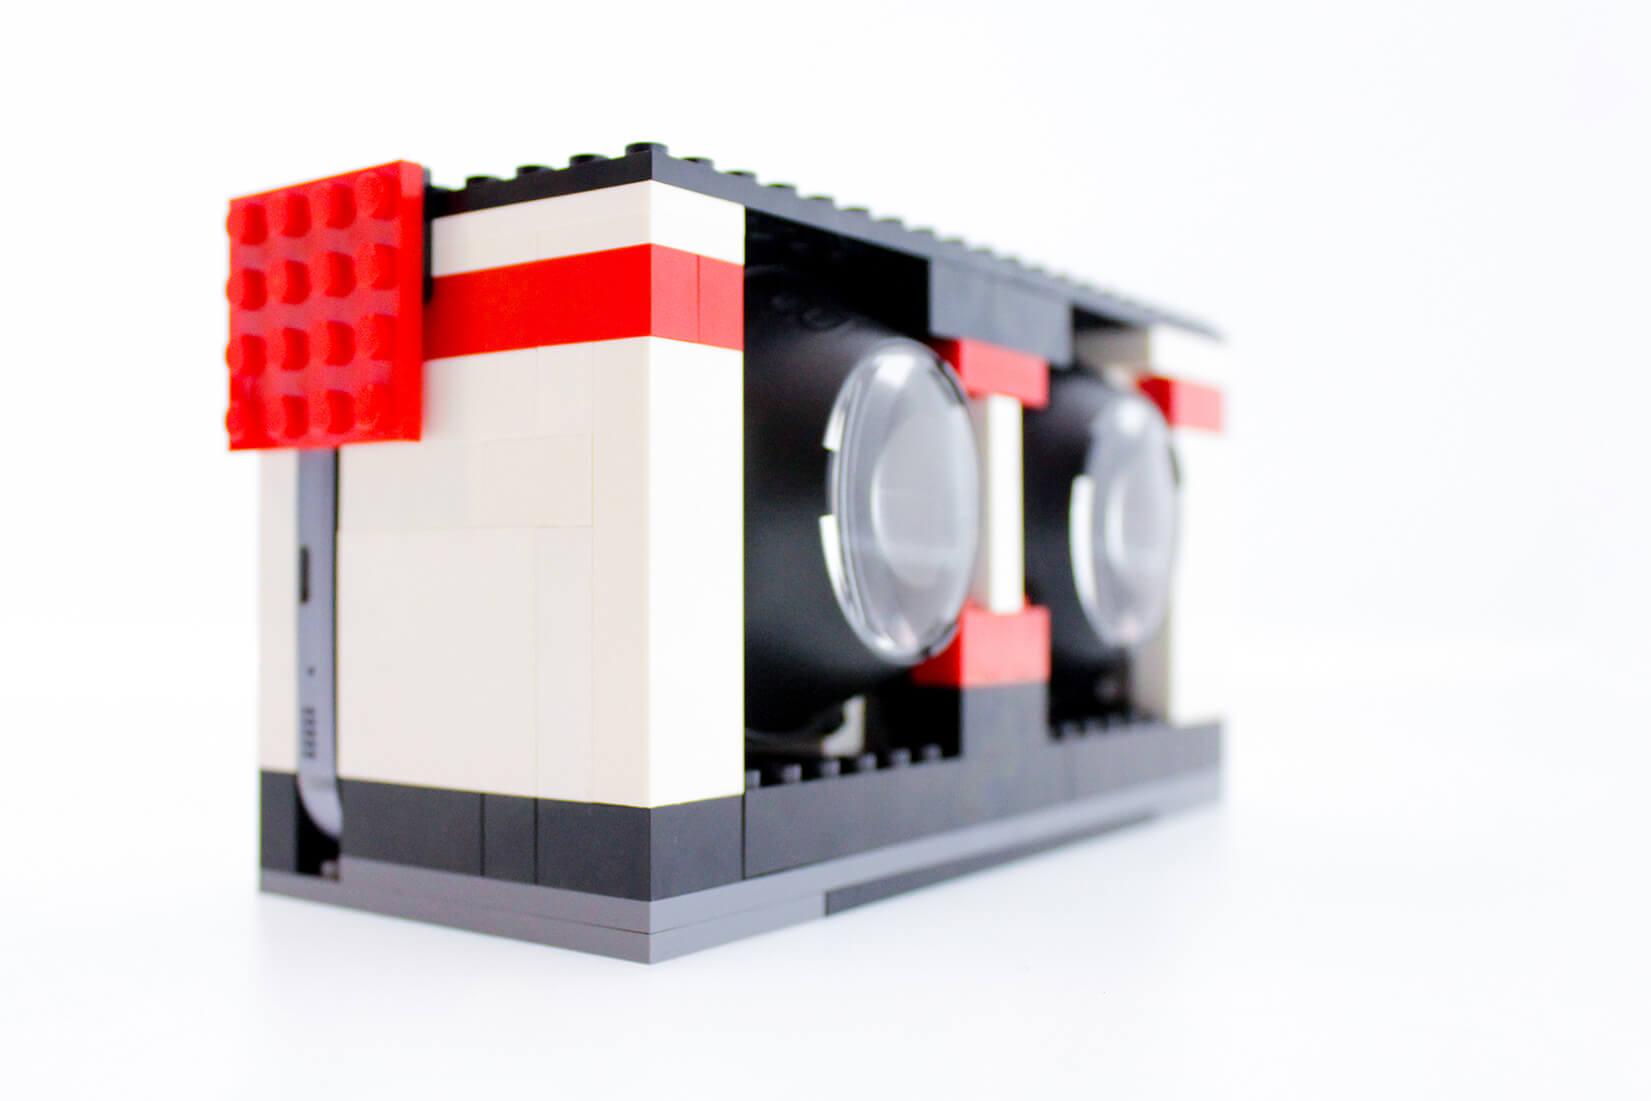 Lego_03.jpg